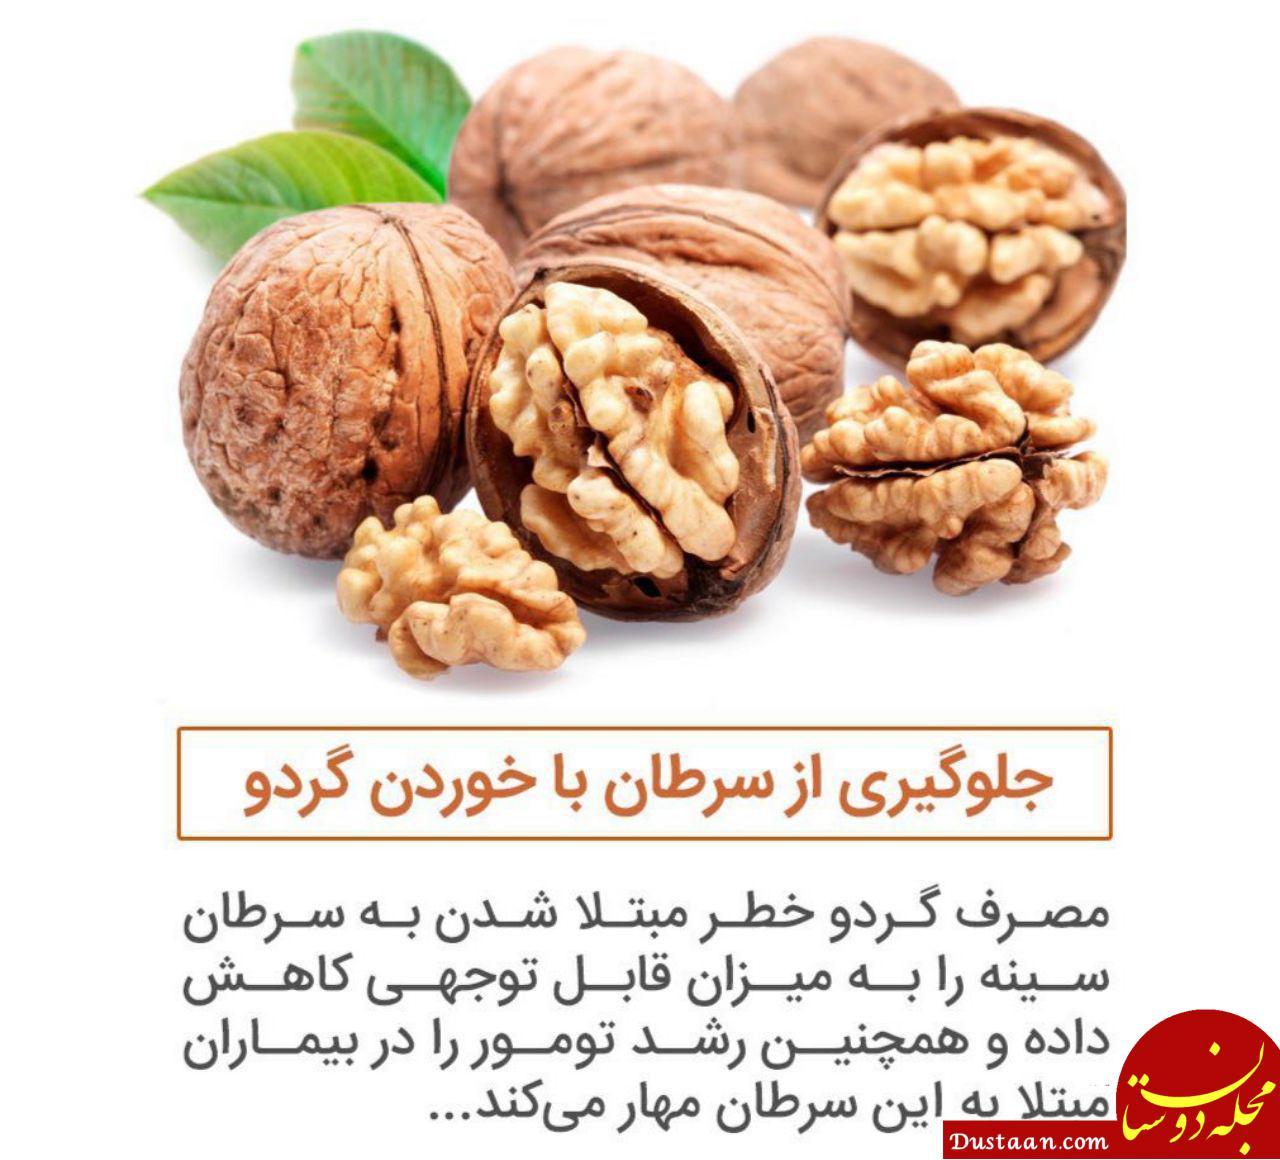 www.dustaan.com جلوگیری از سرطان با خوردن گردو!